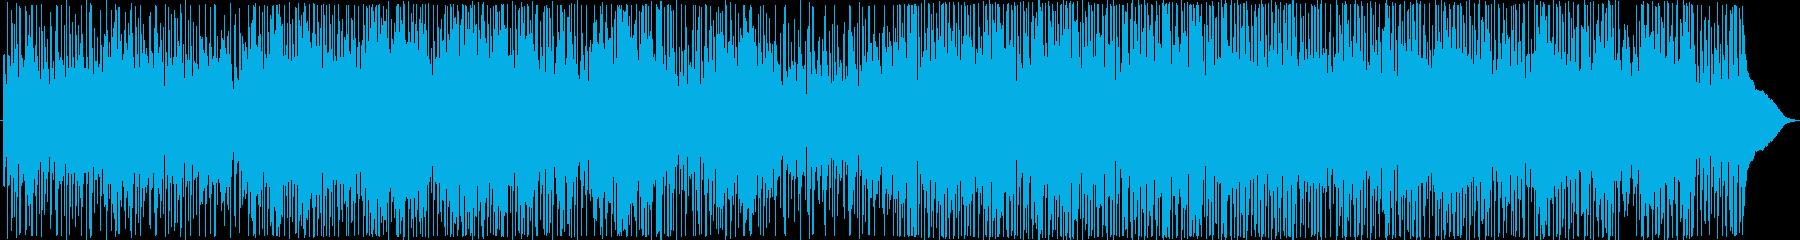 ラテンパーカッション、ストリングス...の再生済みの波形